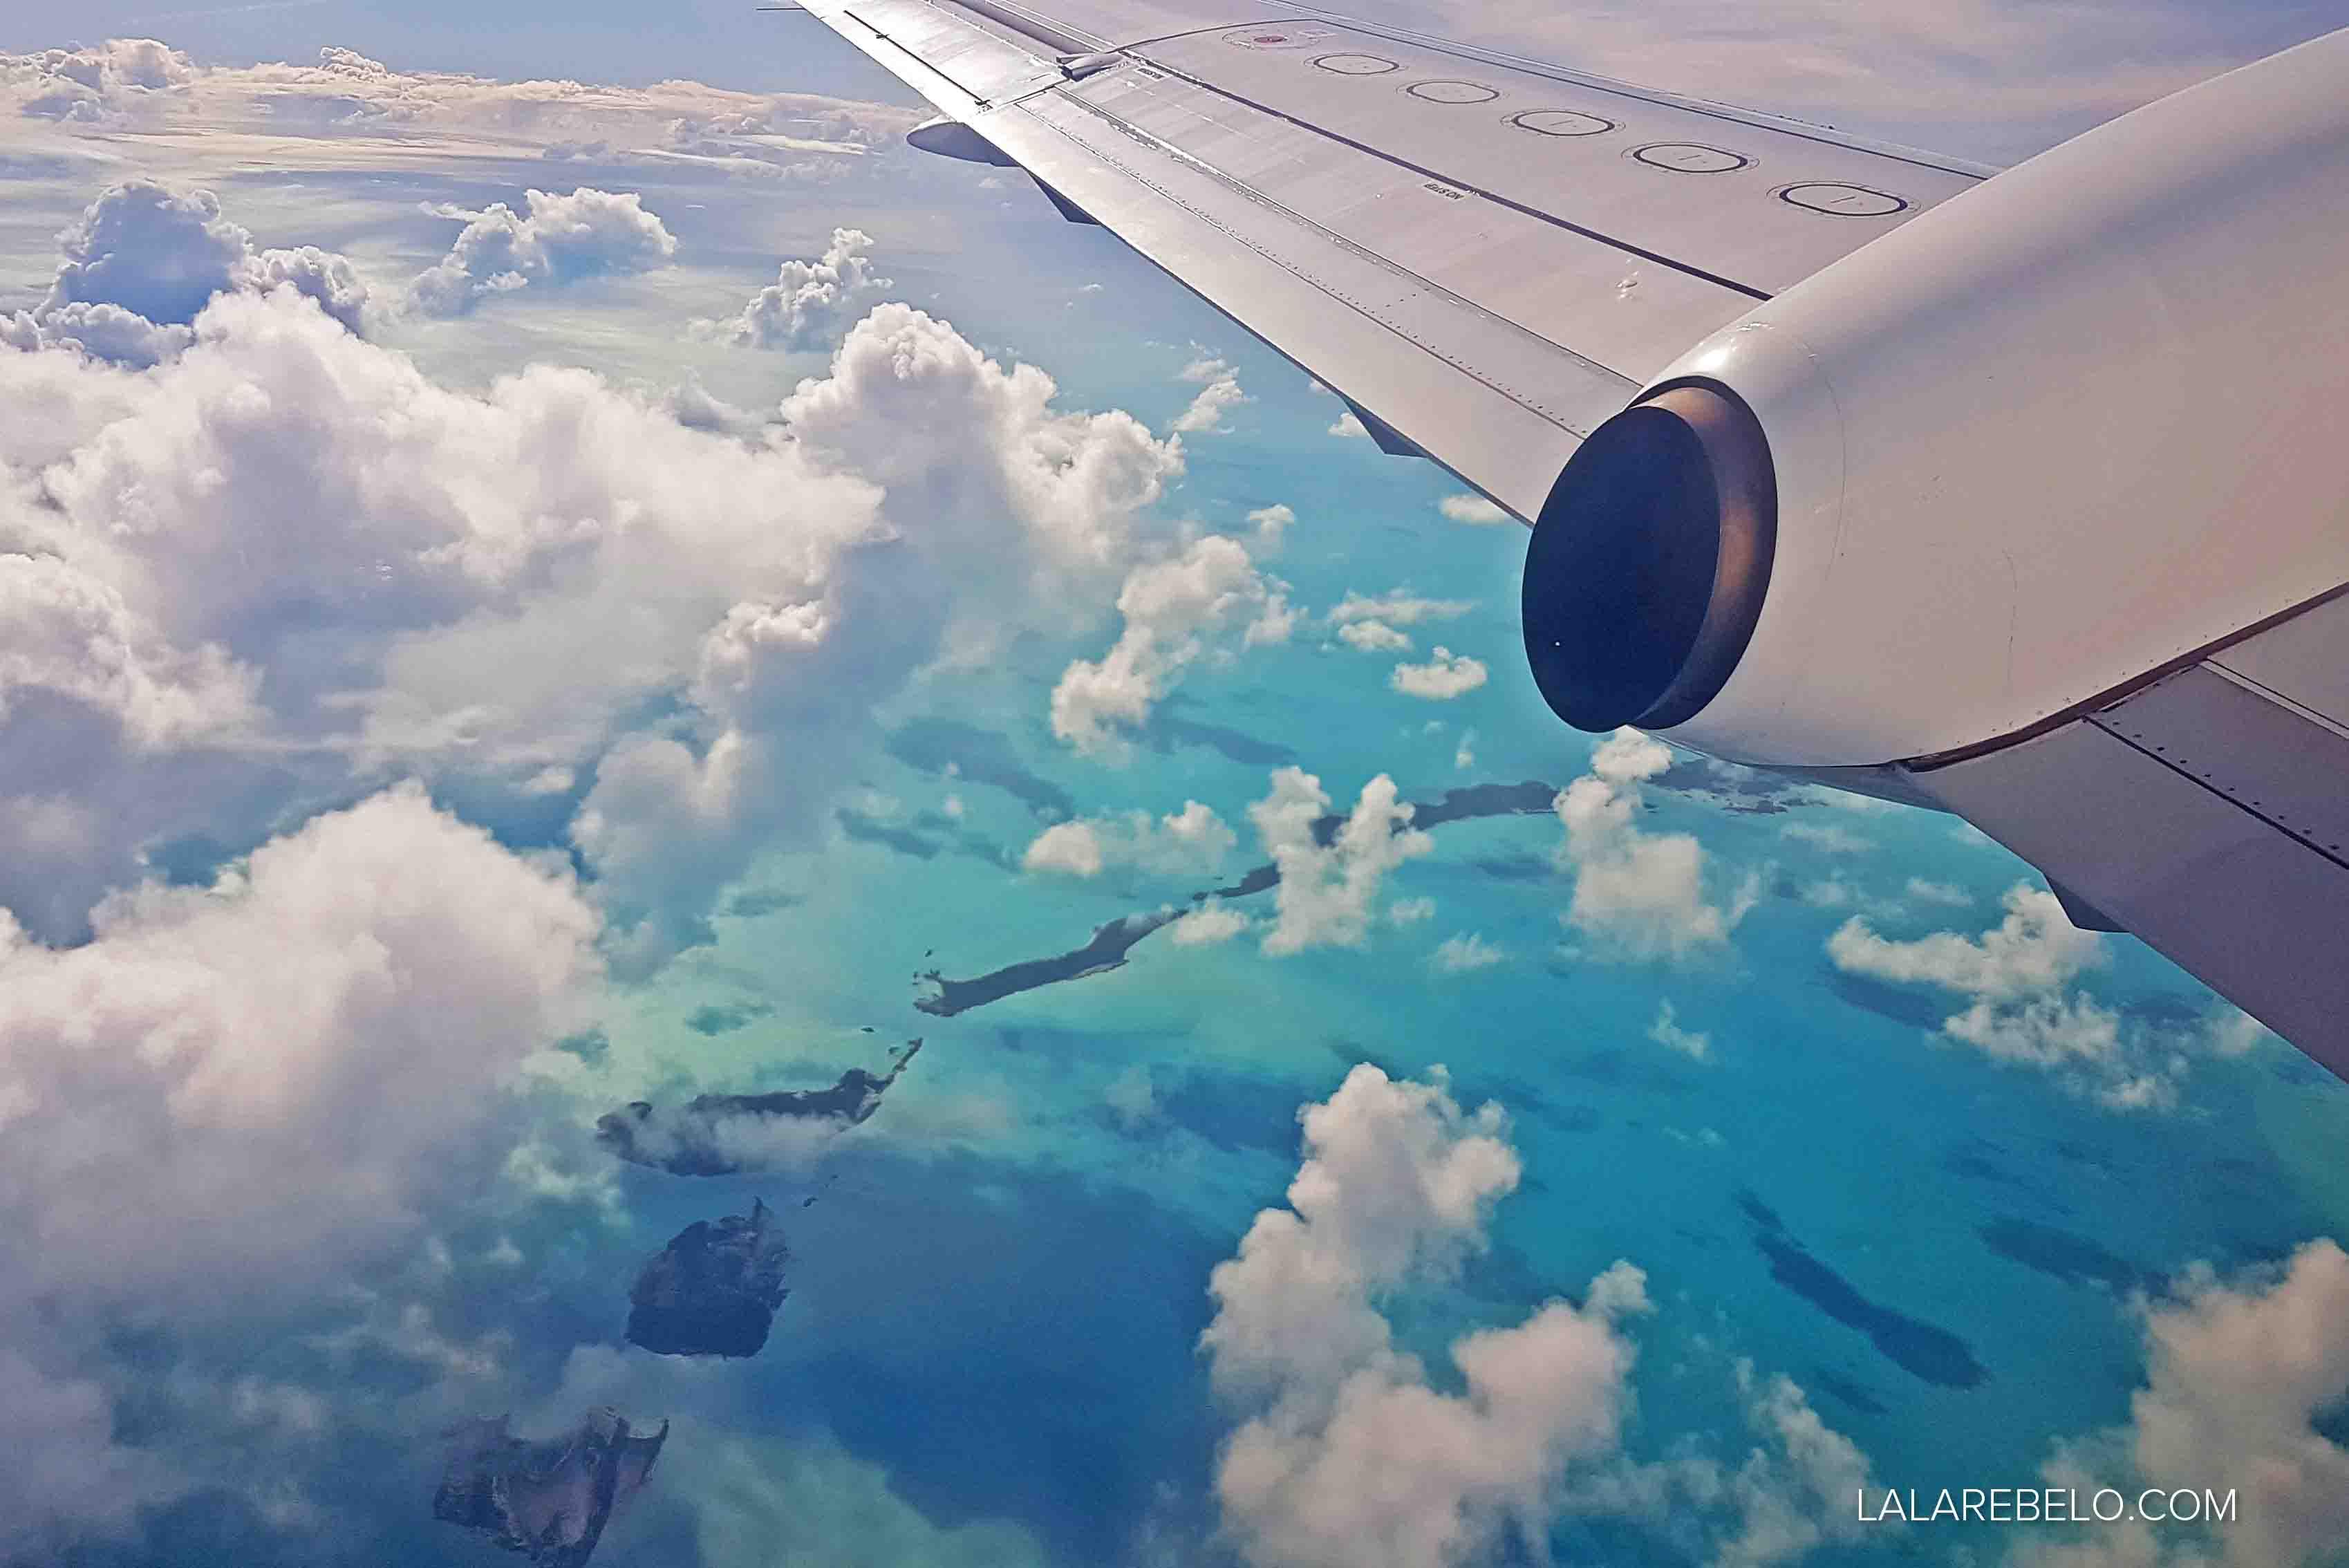 Sobrevoando as Exumas, Bahamas - MARAVILHOSO!!!